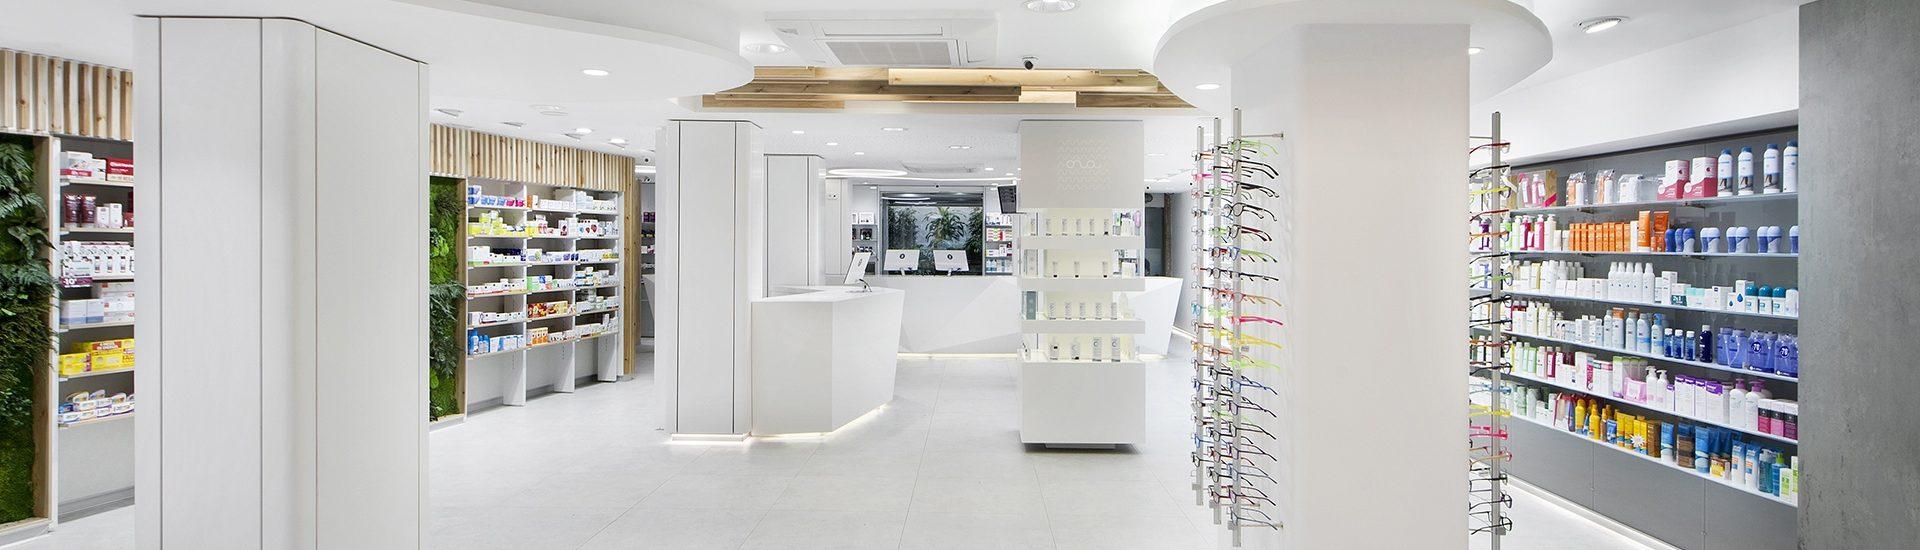 Proyecto de Farmacia Domenech 2